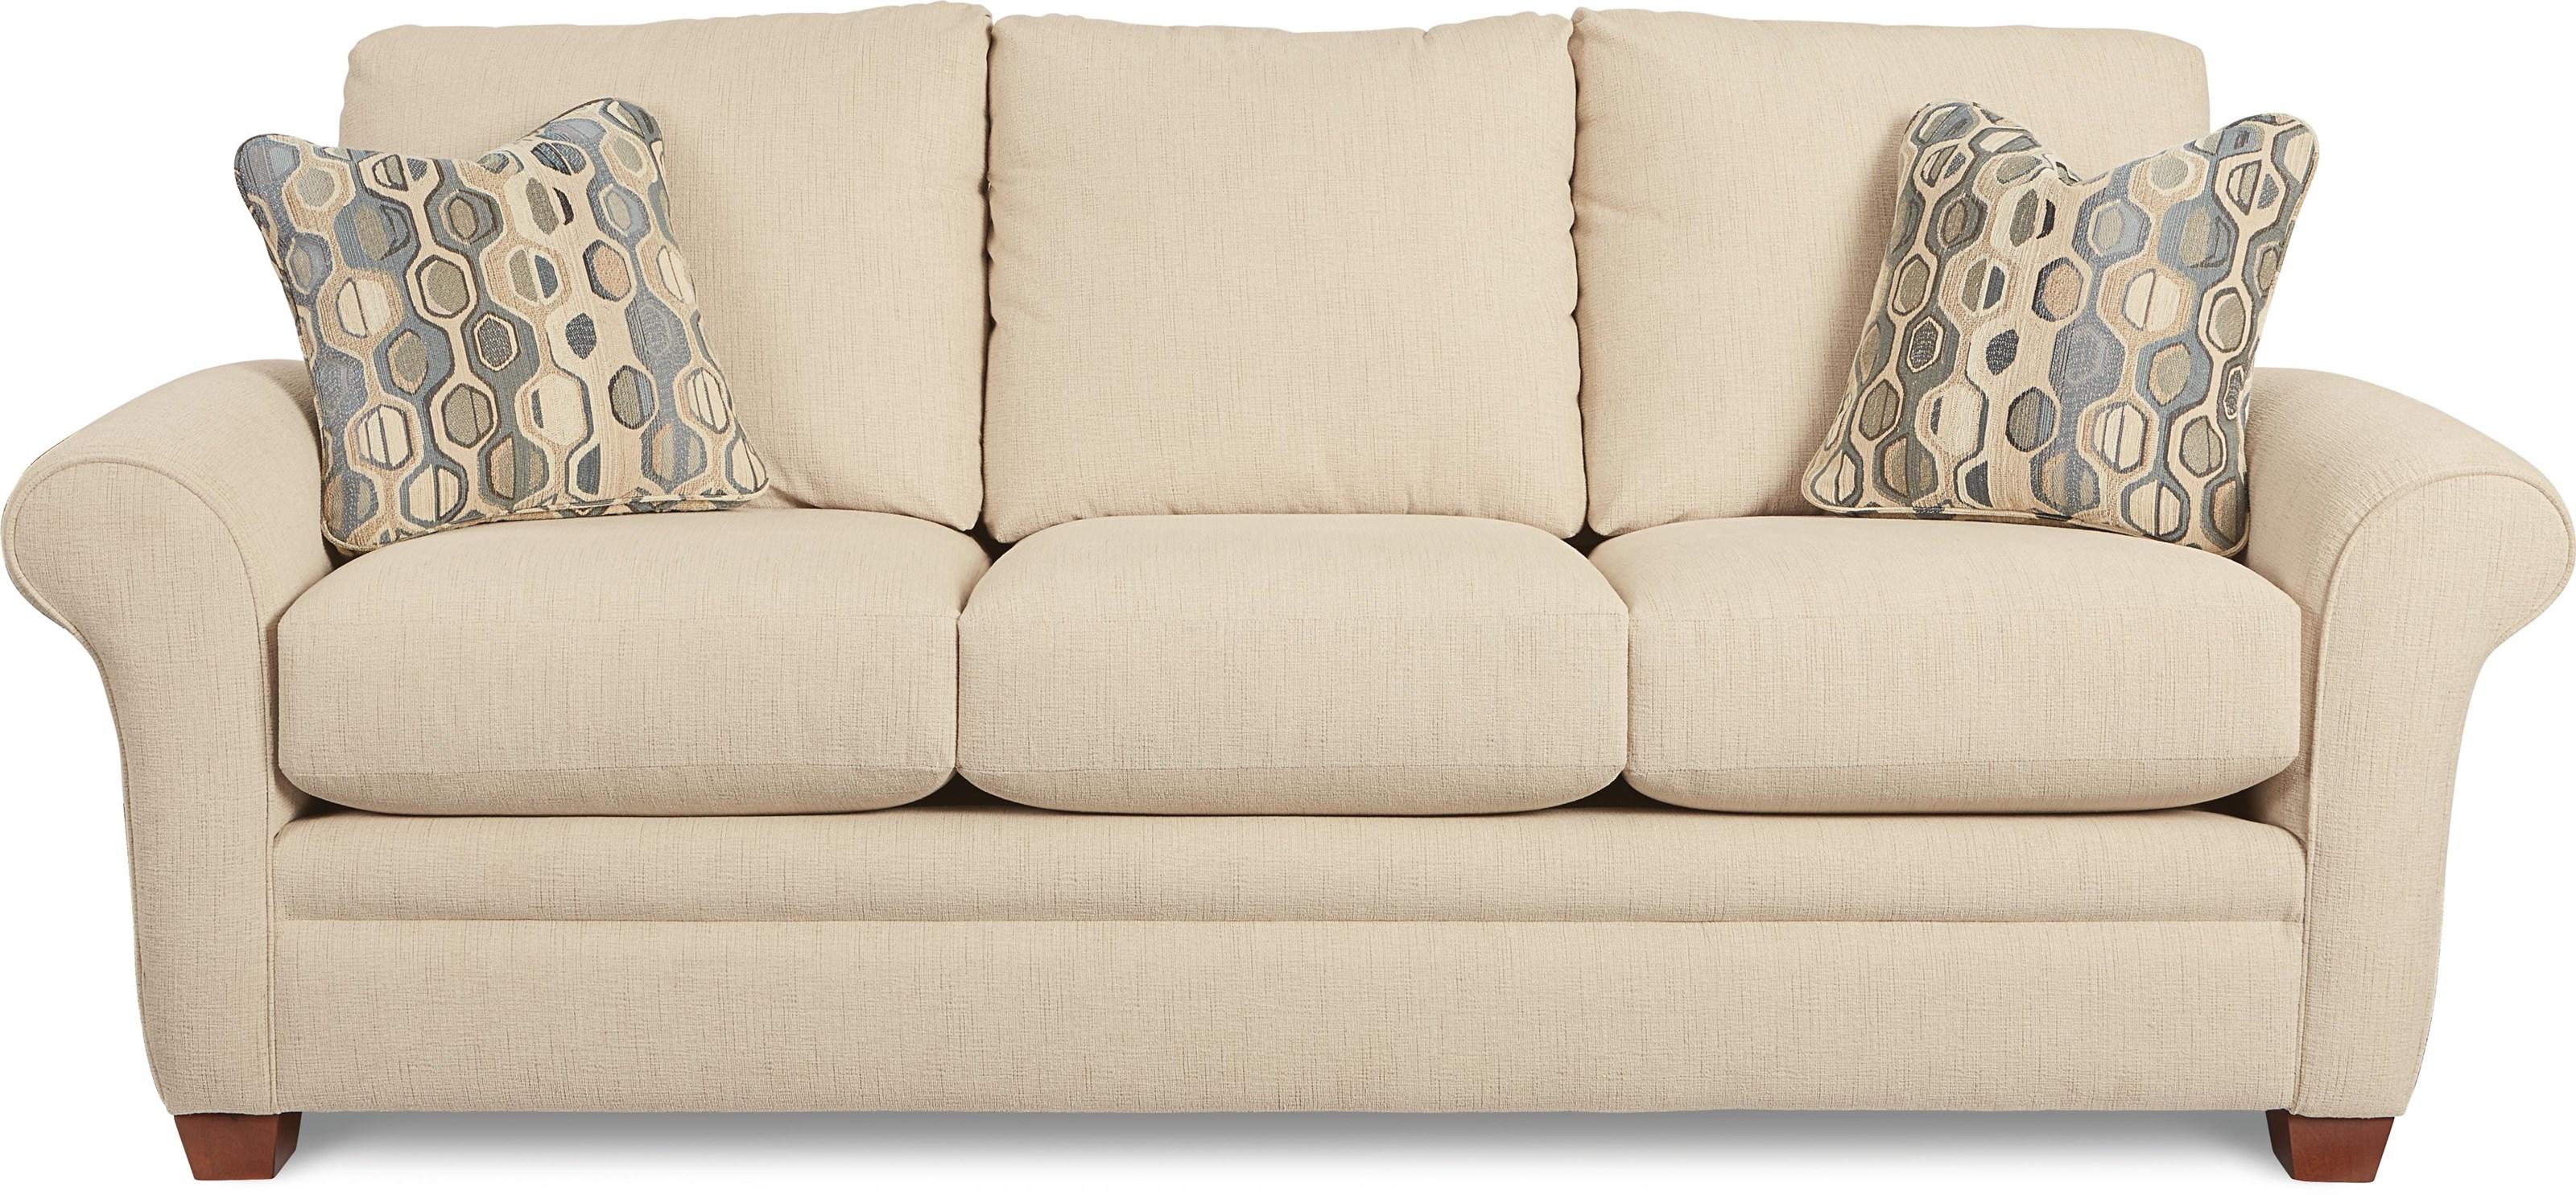 moss studio sofa reviews bb italia lunar bed natalie  thesofa